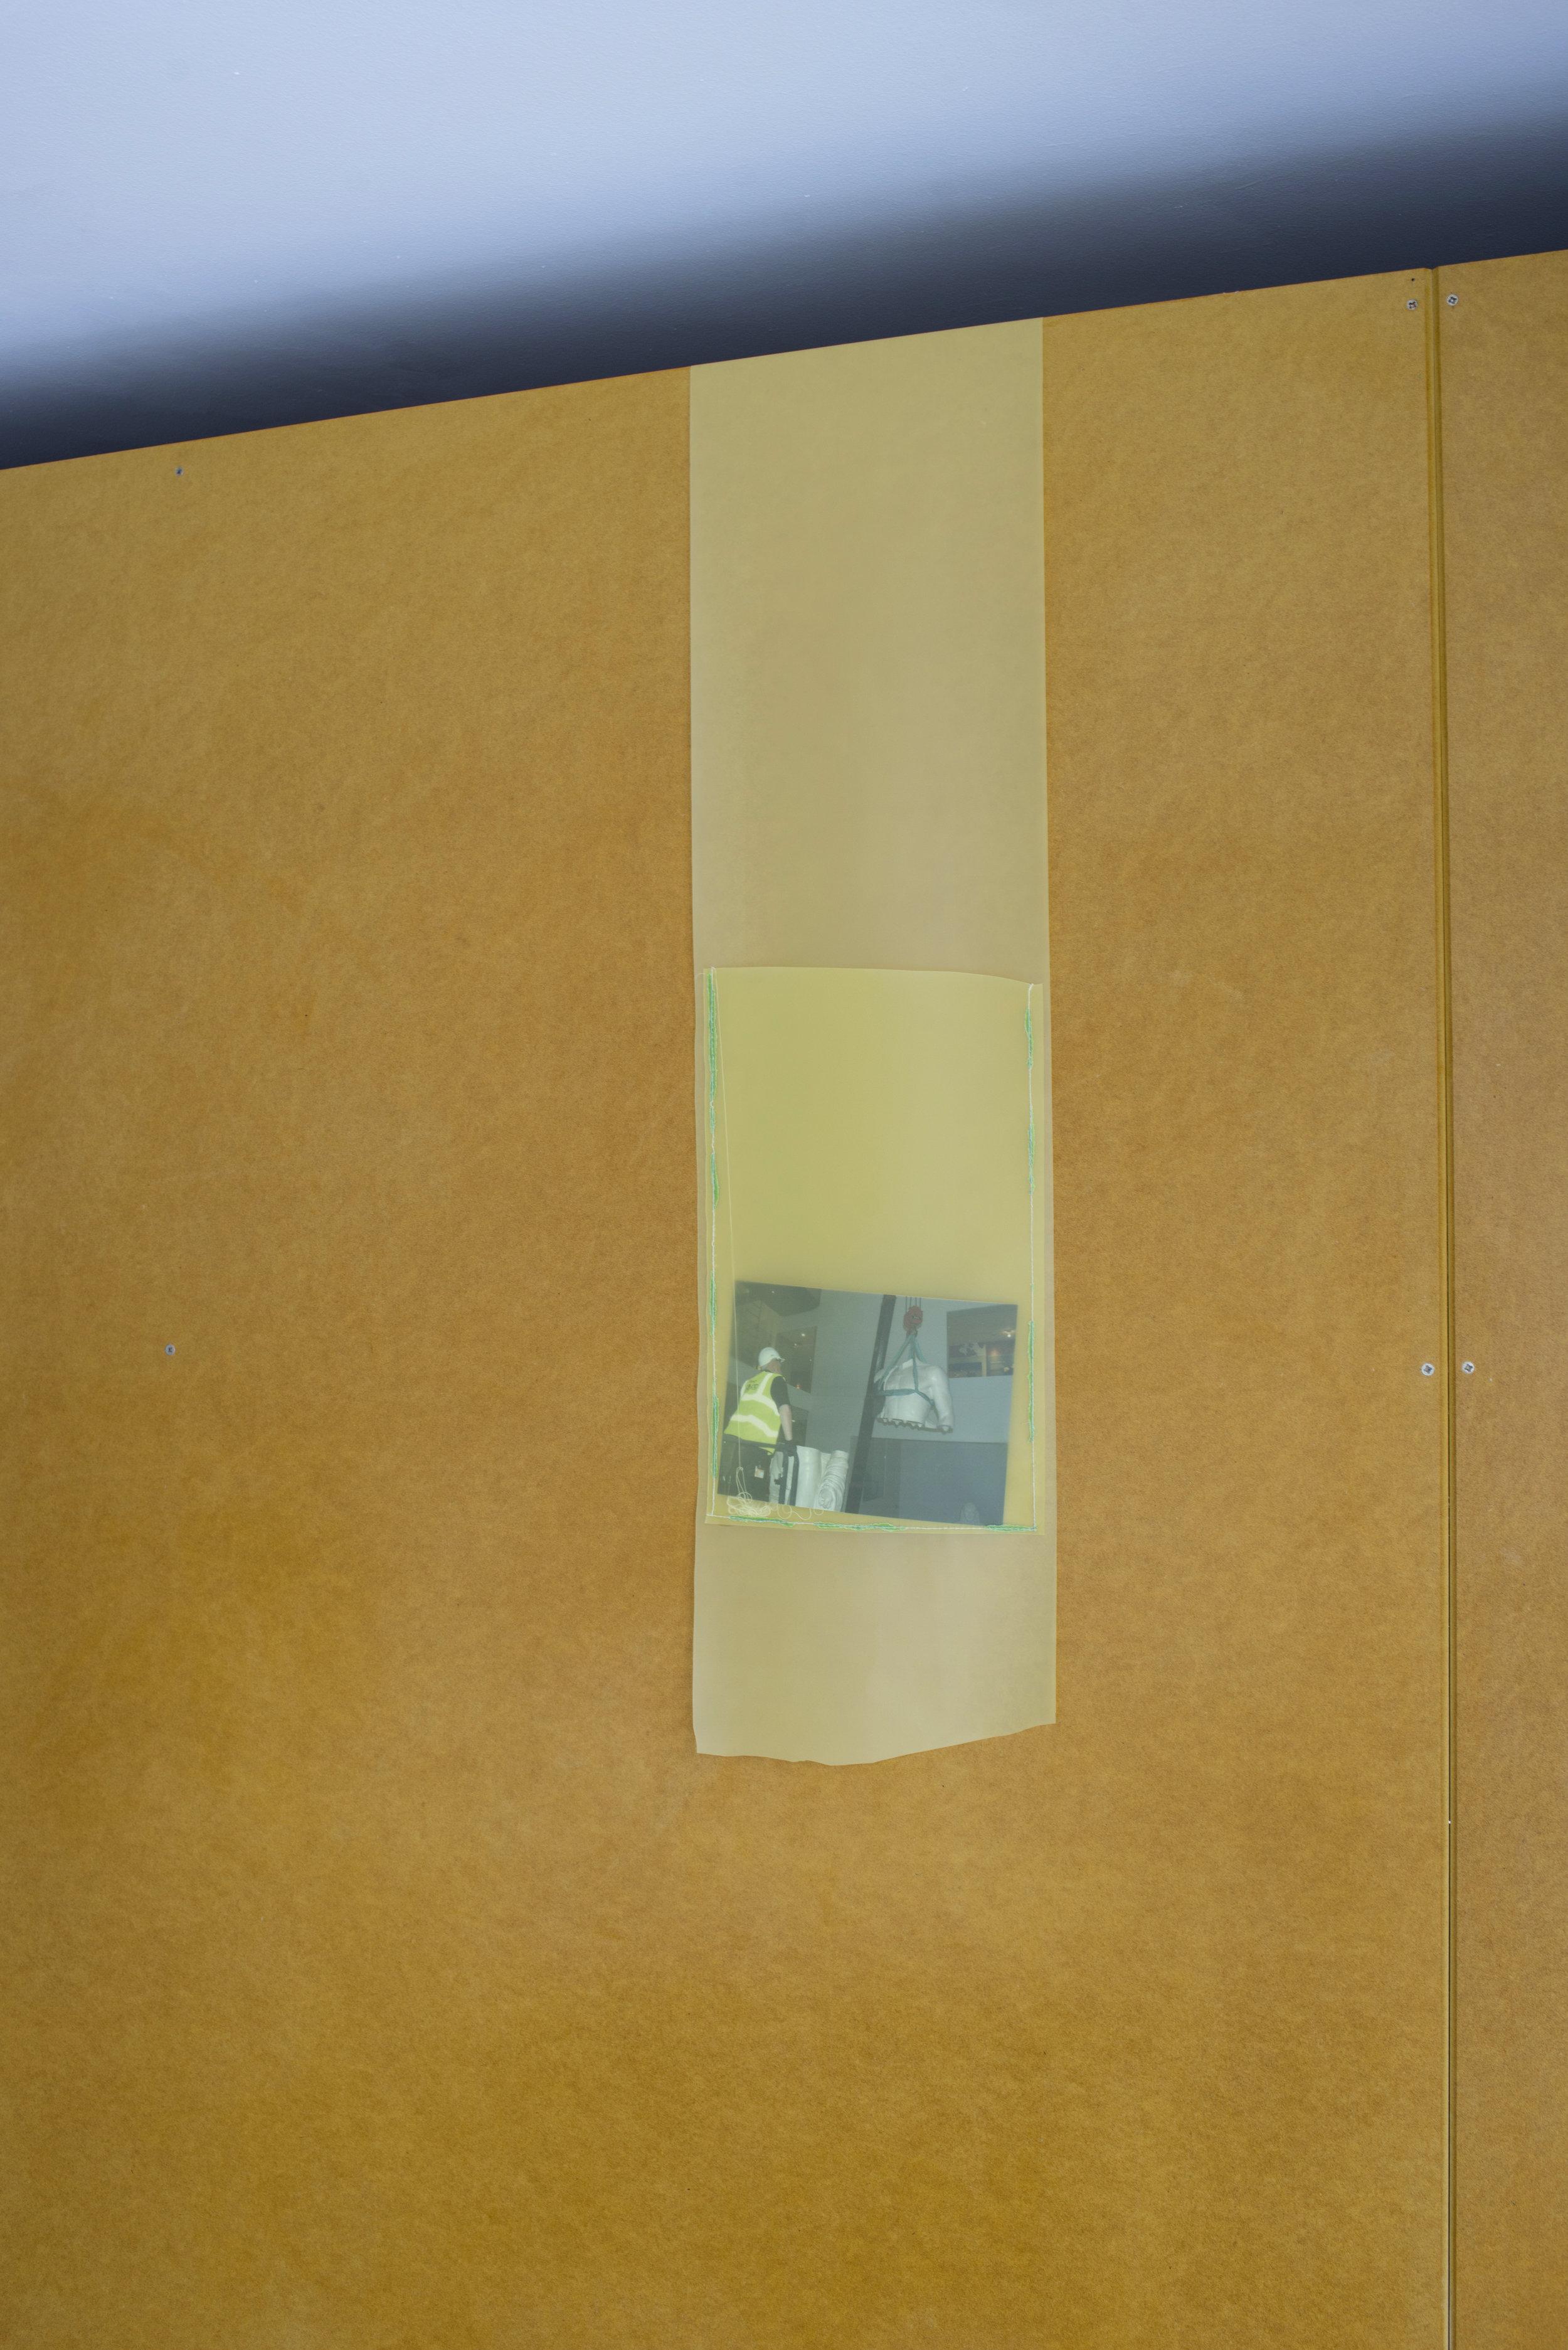 PVC fabric, photograph, 2018 22 cm x variable length